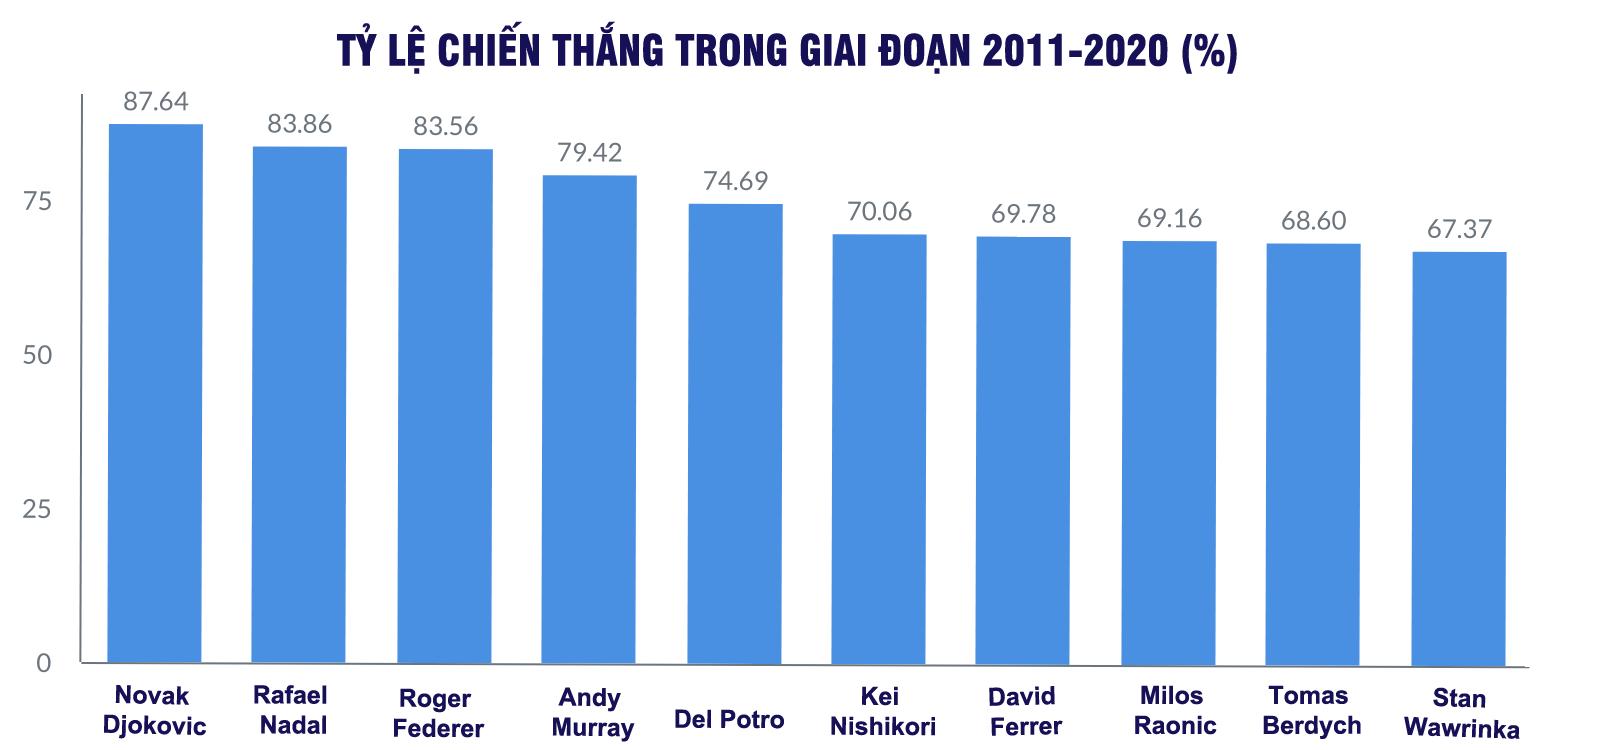 Djokovic: Một thập kỷ vĩ đại, thách thức kỷ lục của Federer - Nadal - 11